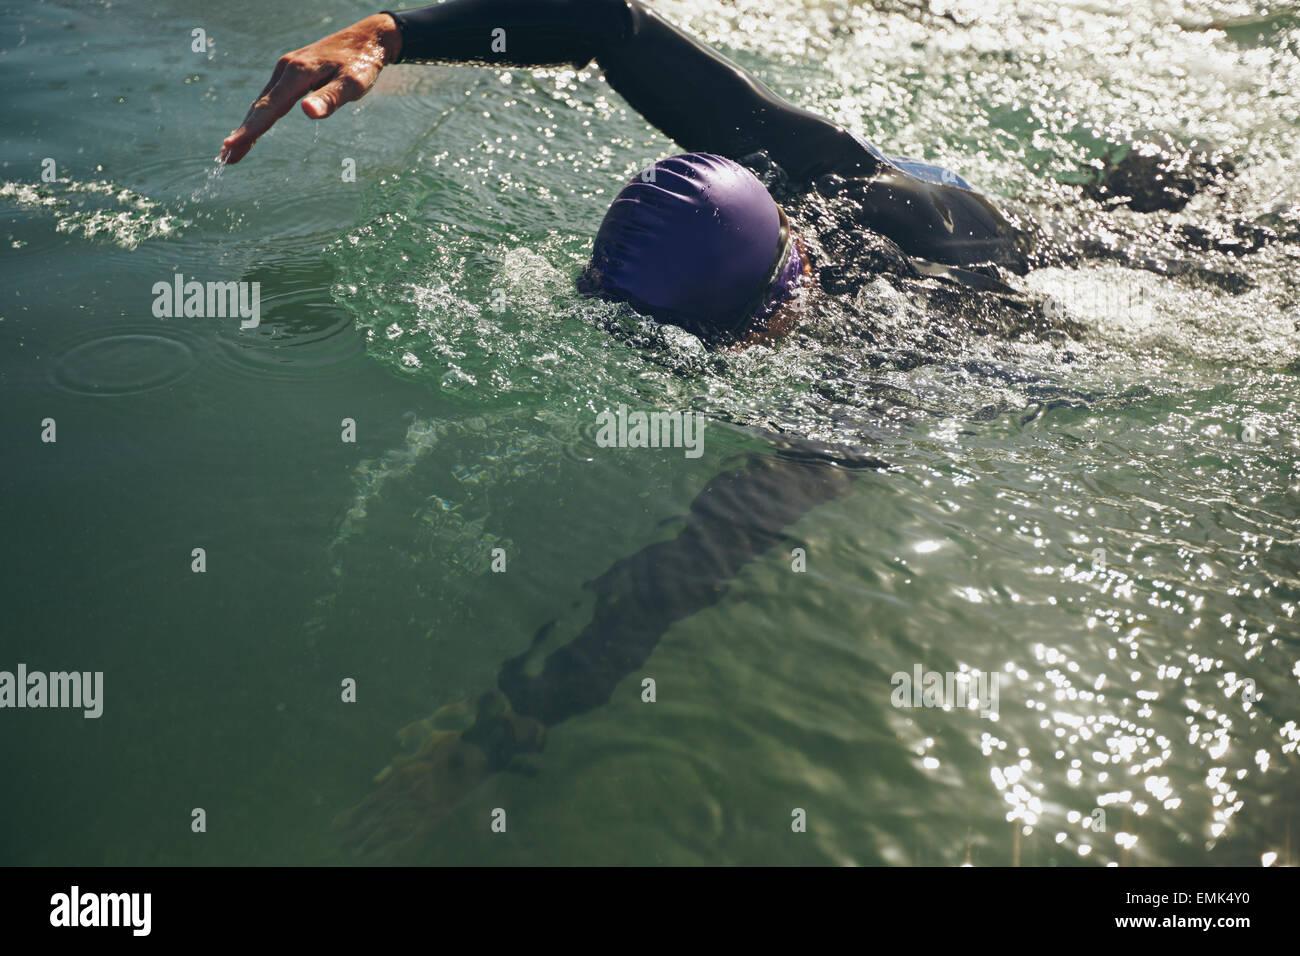 Natation nageur en eau libre. La pratique de l'athlète à la compétition. Photo Stock